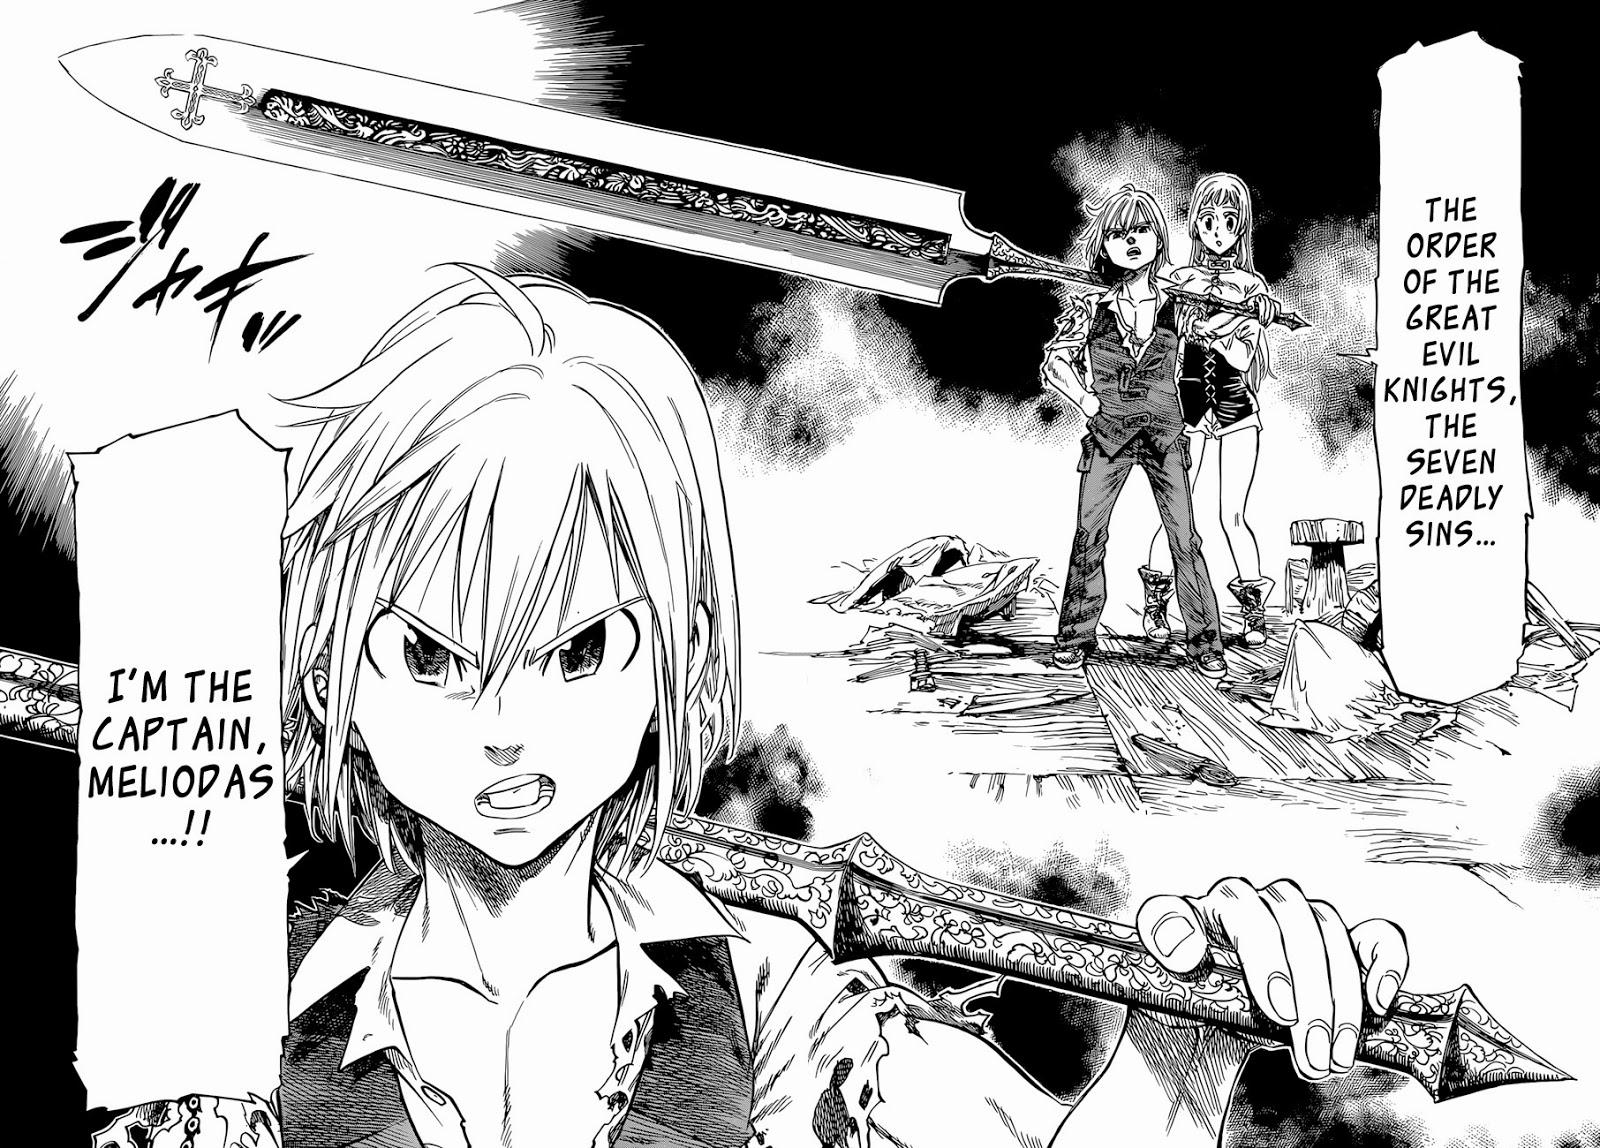 Fairy Tail x Seven Deadly Sins, Hiro Mashima, Nakaba Suzuki, Weekly Shonen Magazine, Pika Edition, Actu Manga, Manga,